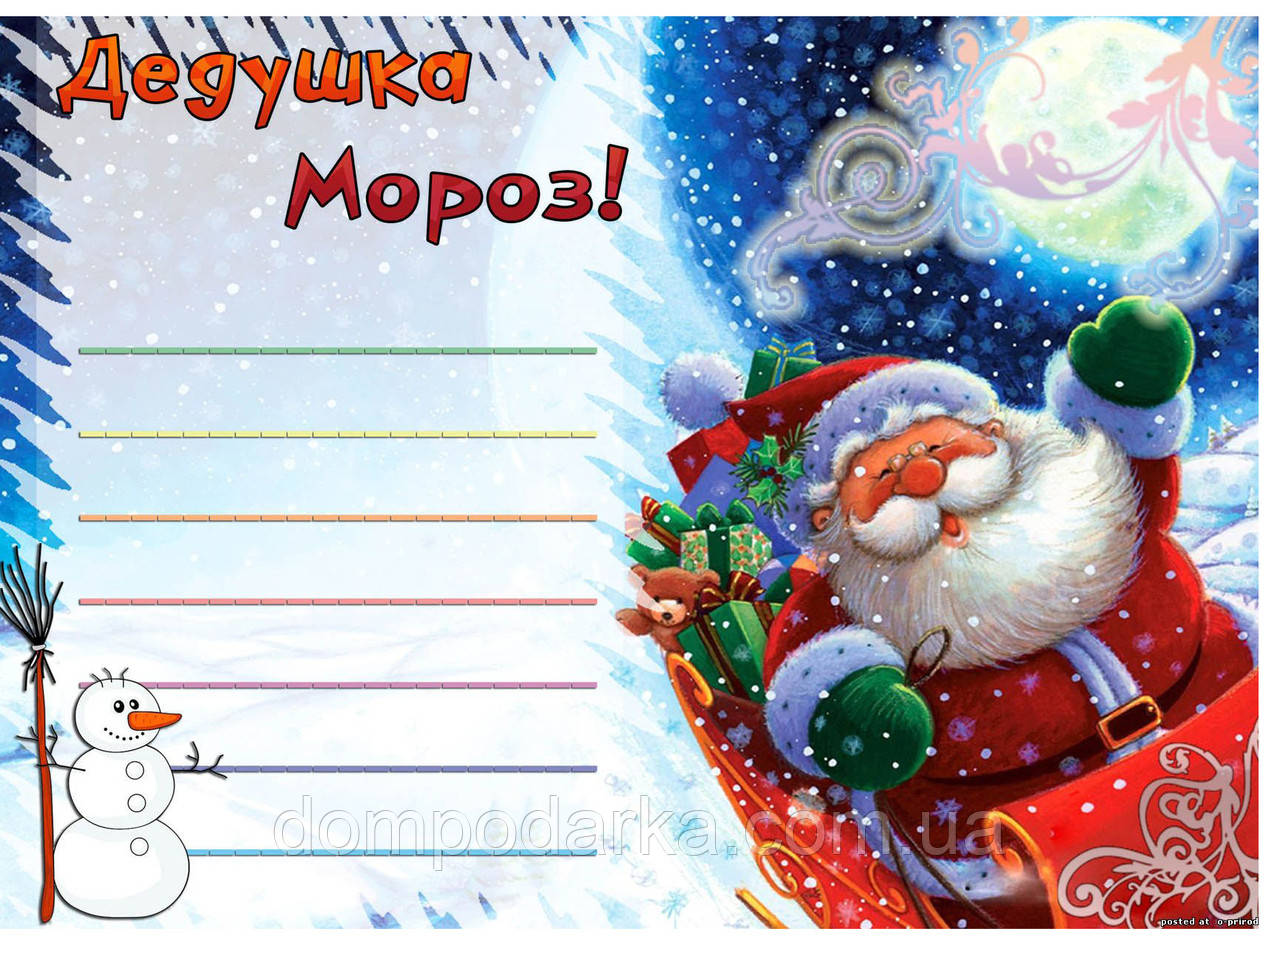 Новогоднее Письмо Бланк Деду Морозу, Санта Клаусу!